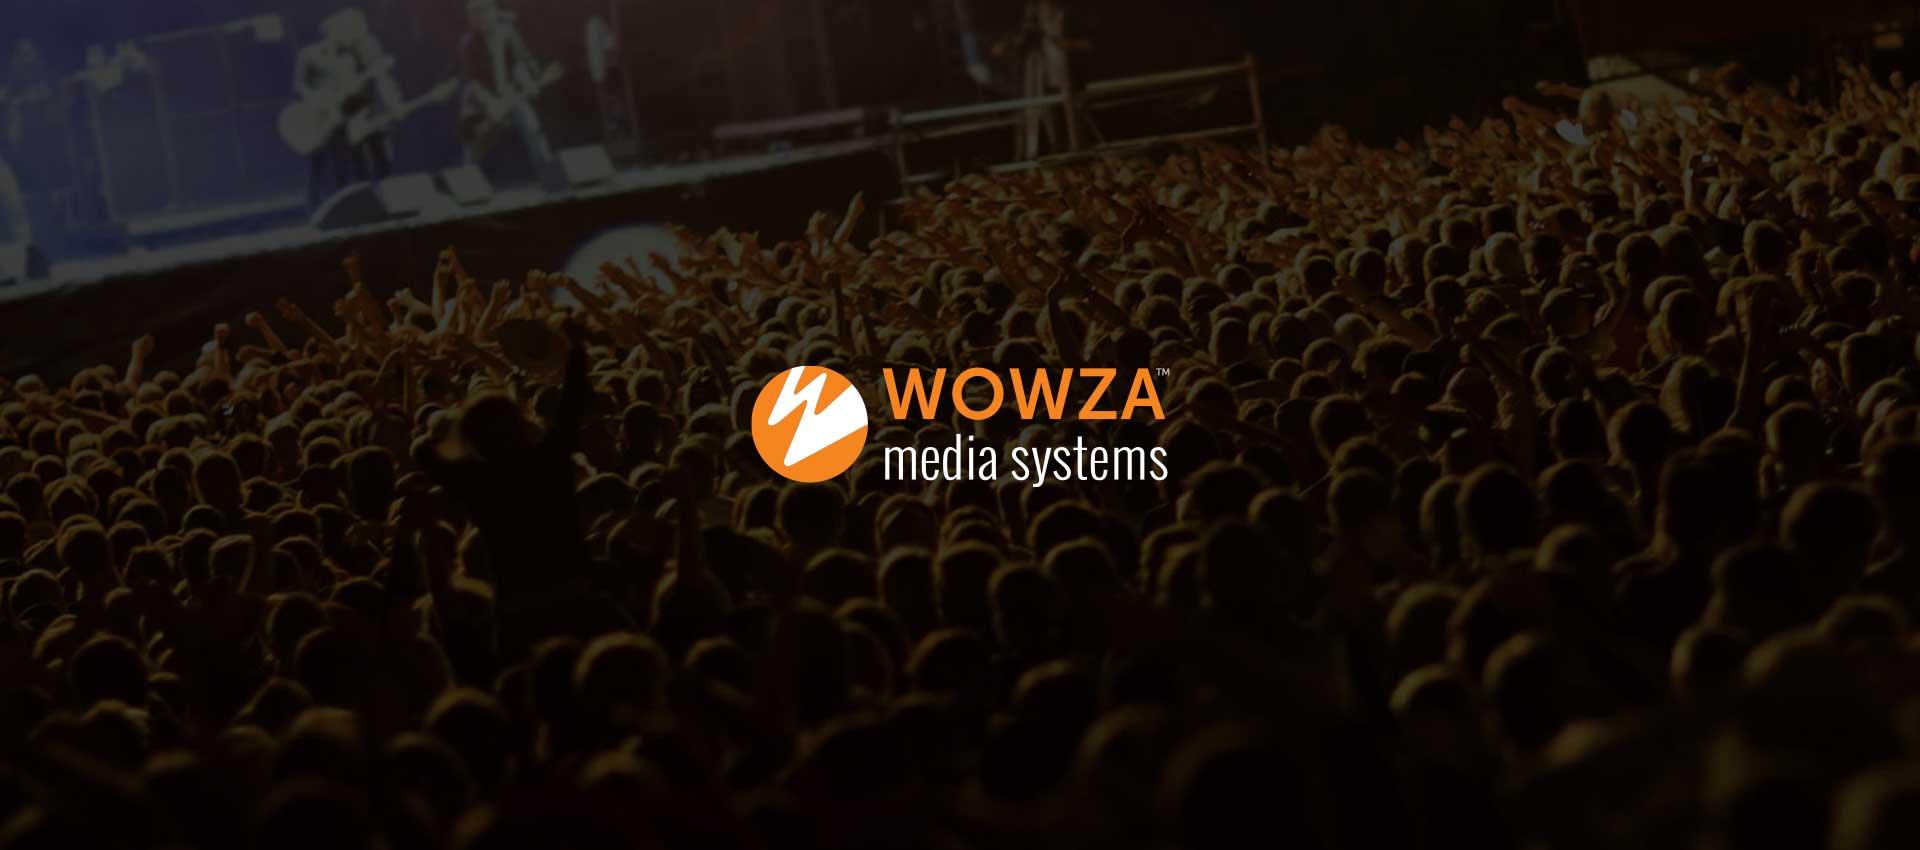 Wowza Media System